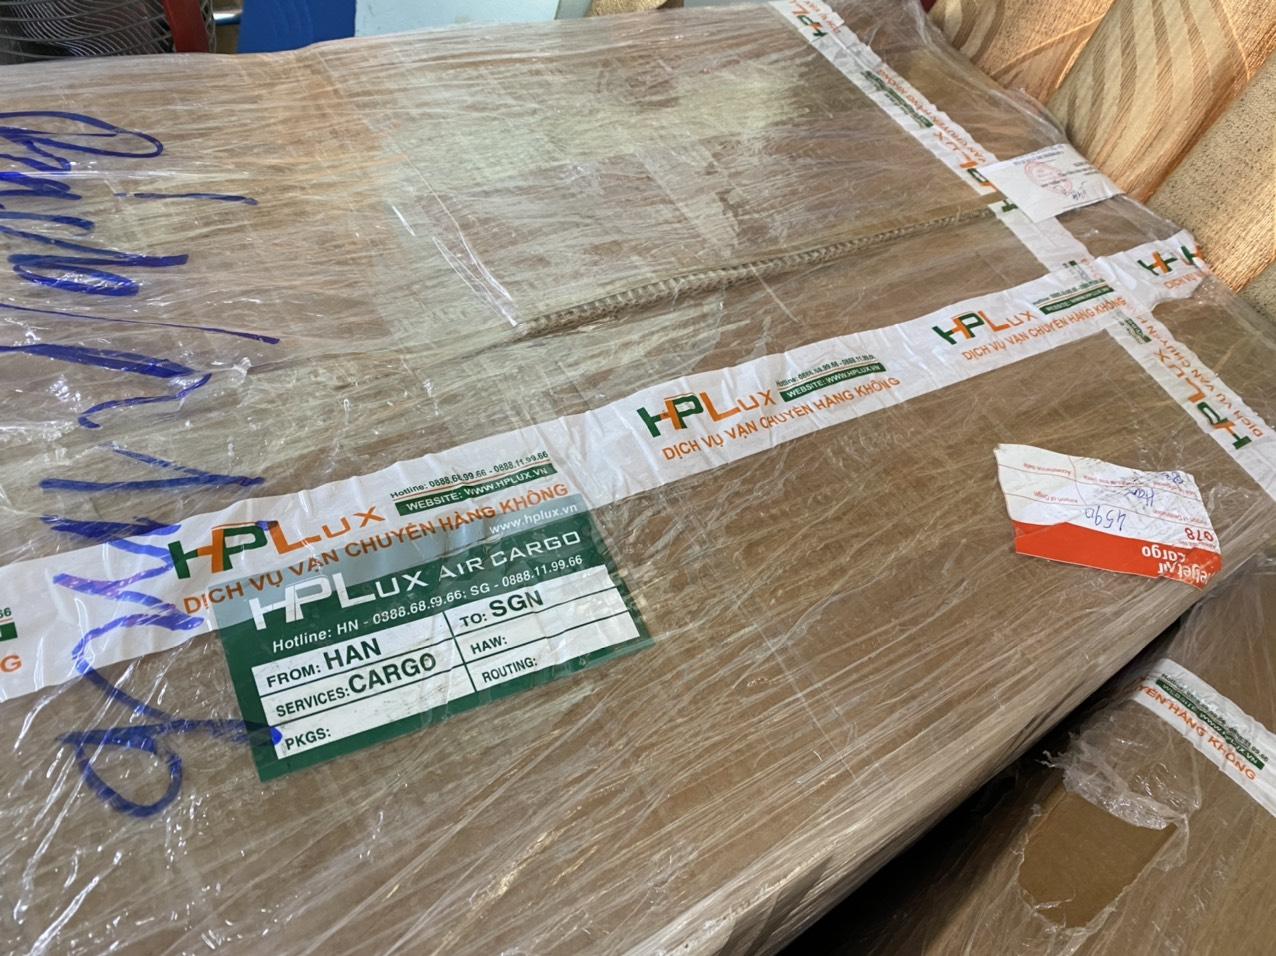 Hà Nội phát hiện hơn 137.000 đơn vị thuốc tân dược 'trôi nổi' bán cho các hiệu thuốc - Ảnh 2.